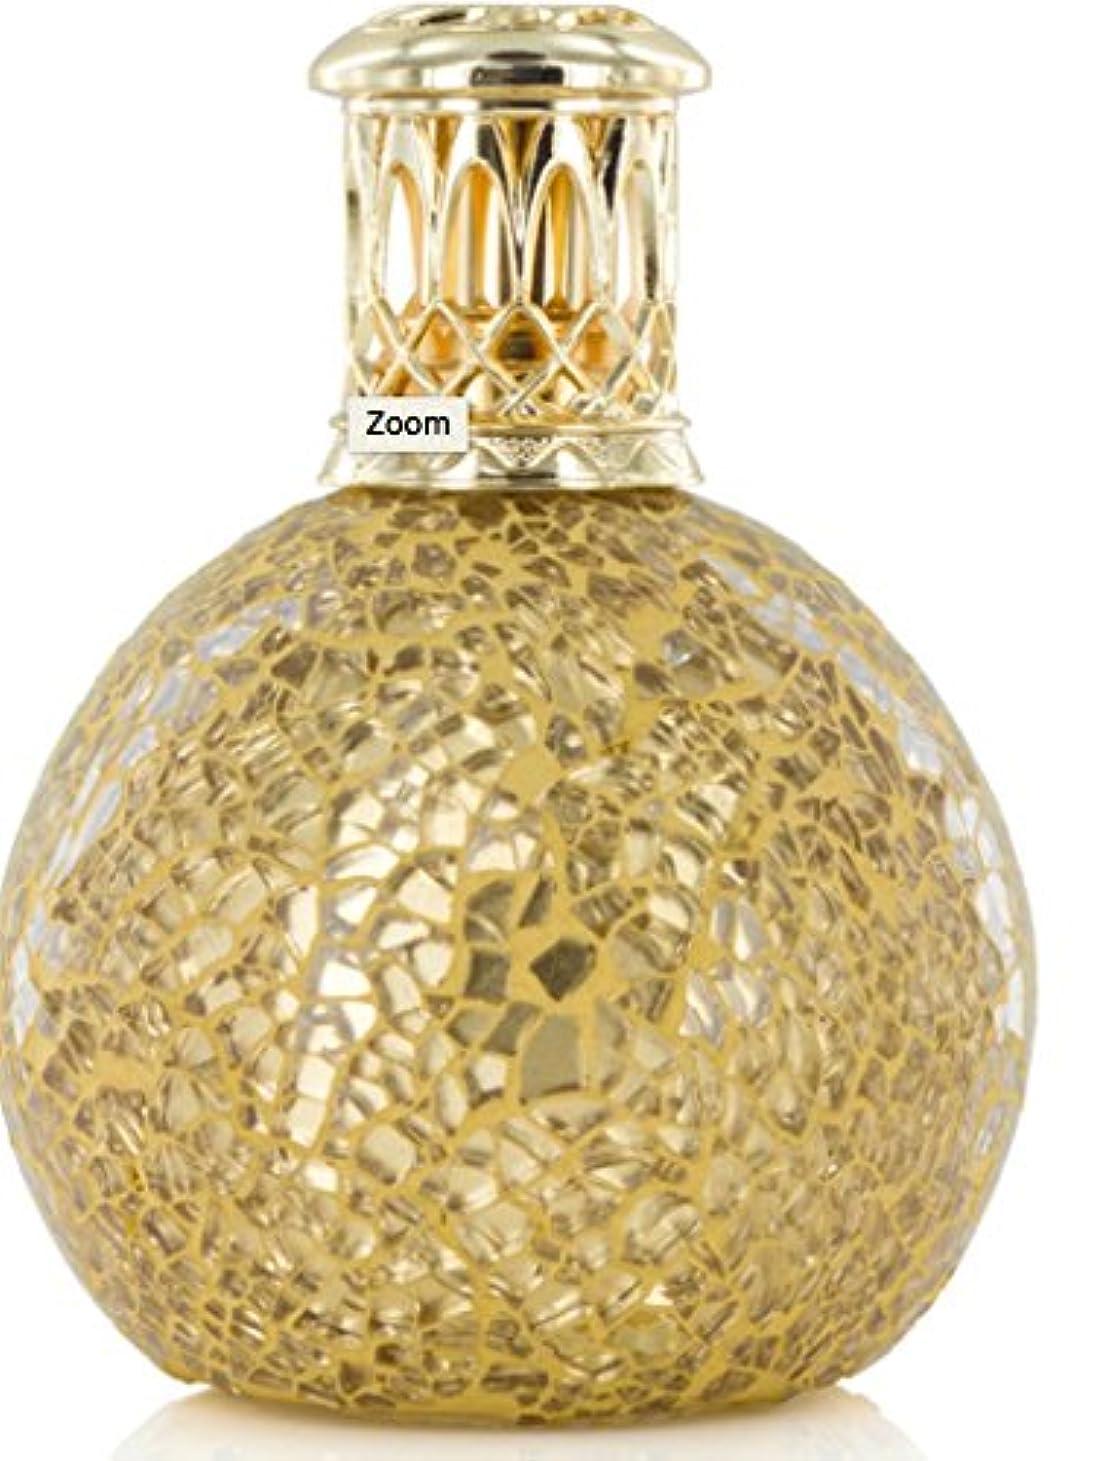 ネブ毒液頻繁にAshleigh&Burwood フレグランスランプ S ゴールデンオーブ FragranceLamps sizeS GoldenOrb アシュレイ&バーウッド